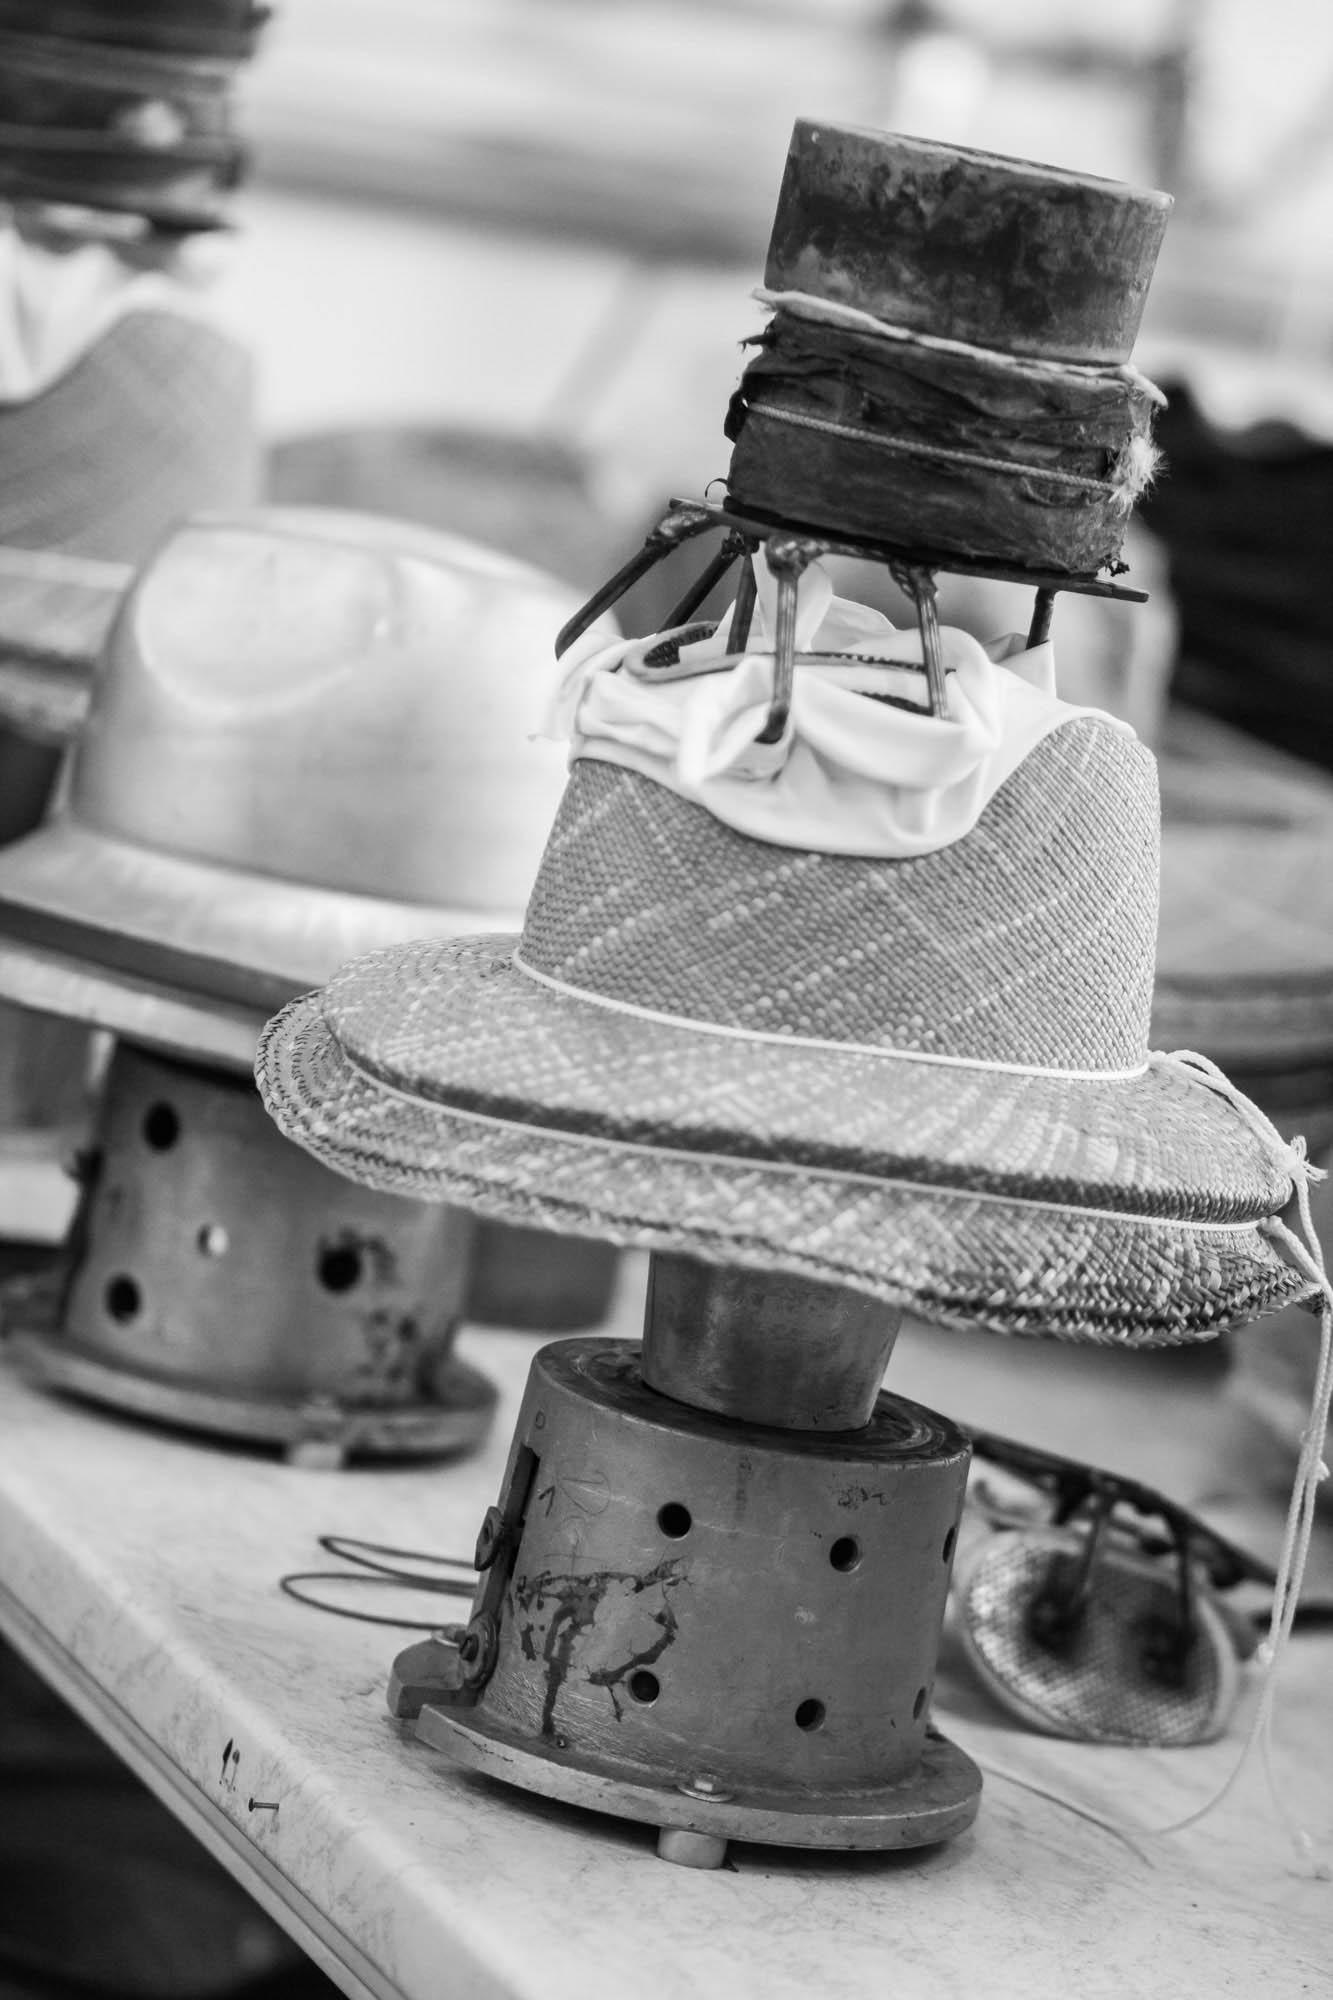 klobúky Mayser - výrobný závod, Rožňava 5